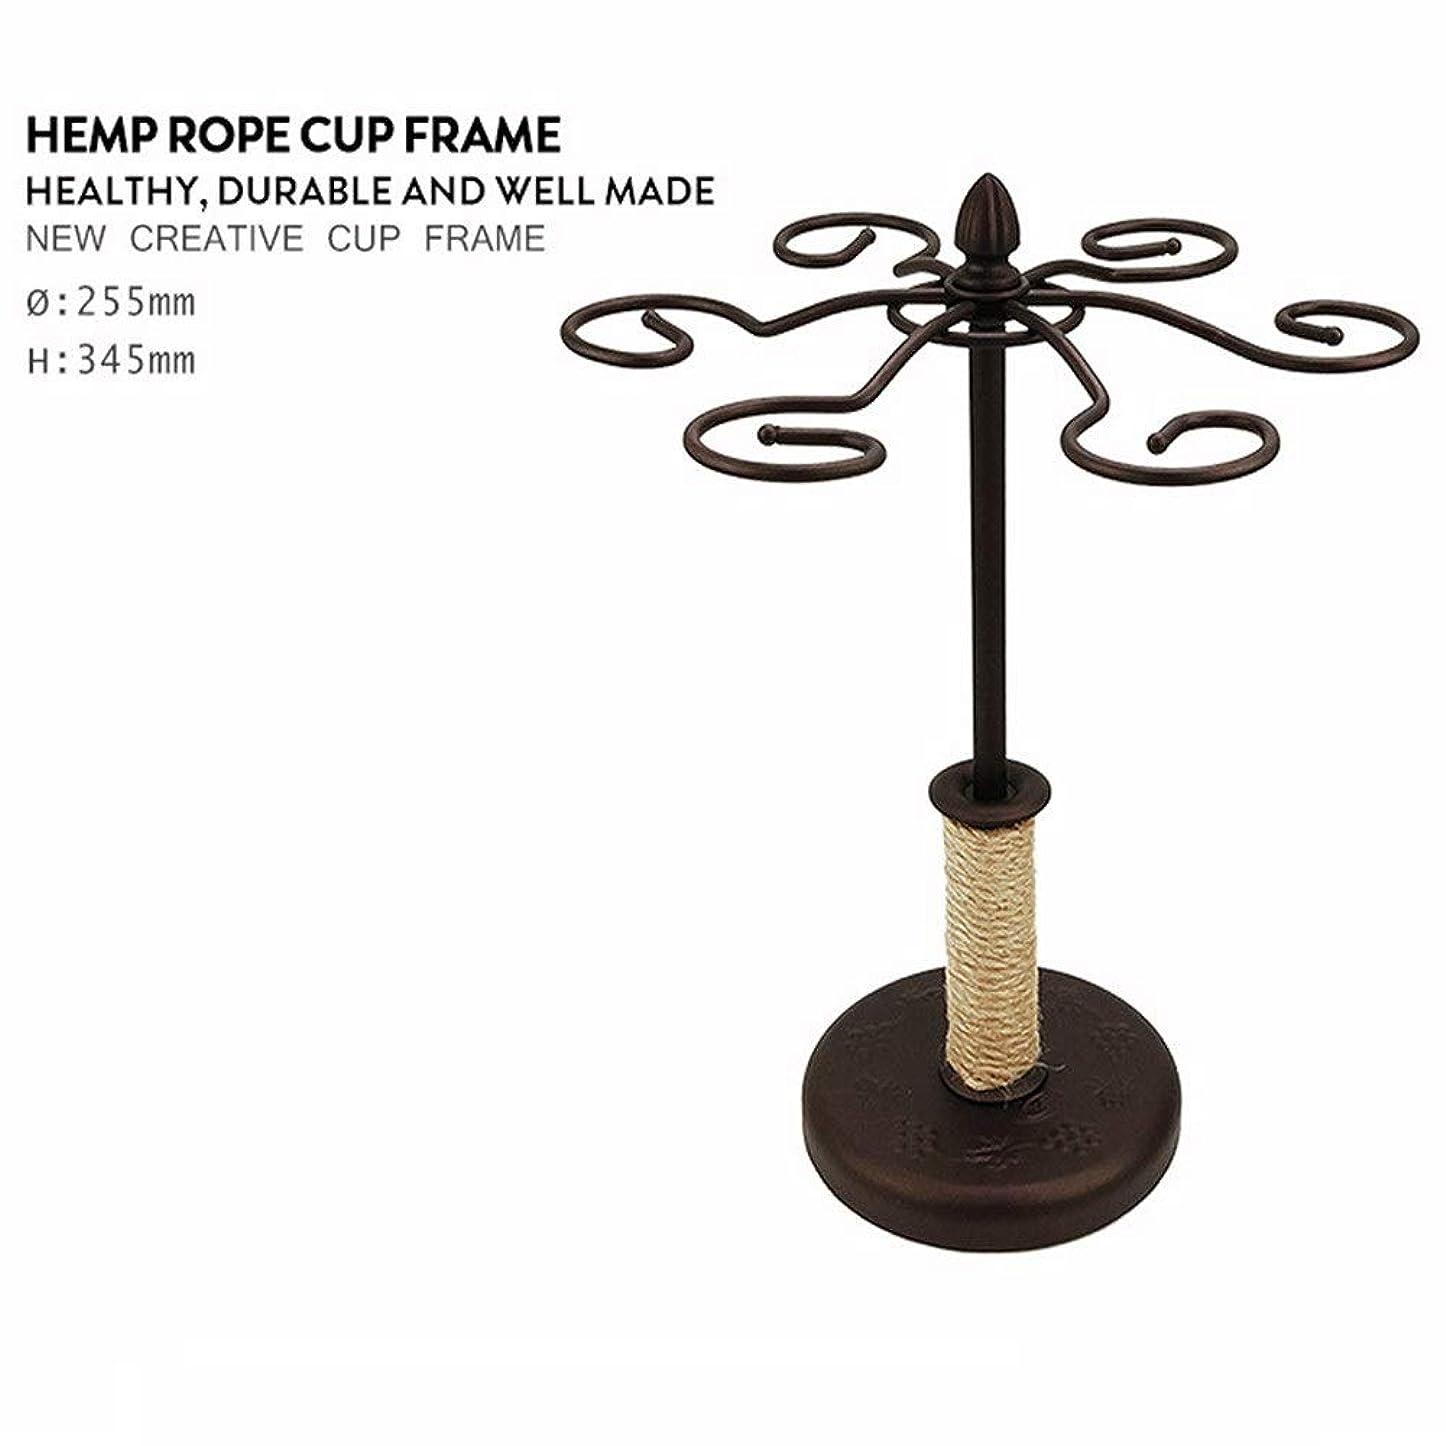 意気込み神バナーワイングラスホルダー スクロールワークメタルワイングラスホルダースタンドワイングラスラック6フック自立型卓上脚付きラックハンガークリエイティブカップフレーム空気乾燥ディスプレイラック (色 : ブロンズ, サイズ : Hemp Rope Style)